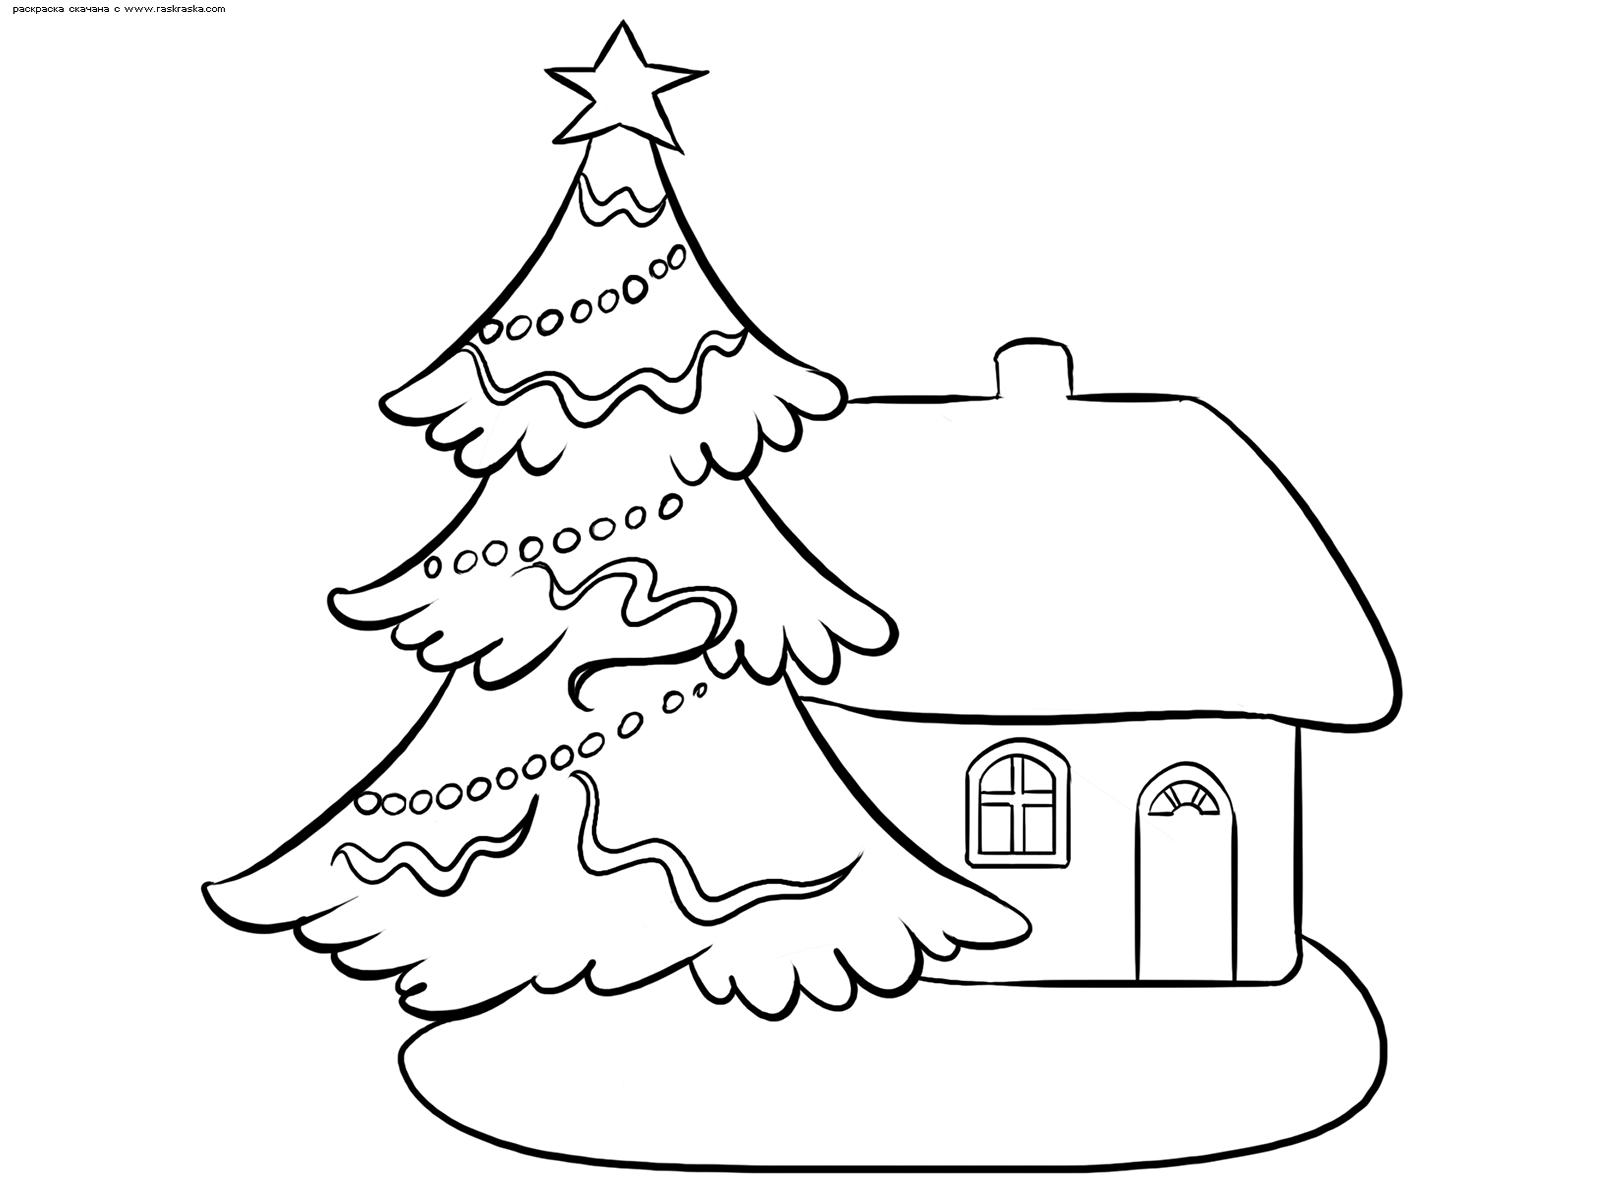 Раскраска Зимний дом и новогодняя елка. Раскраска зима, дом, елка